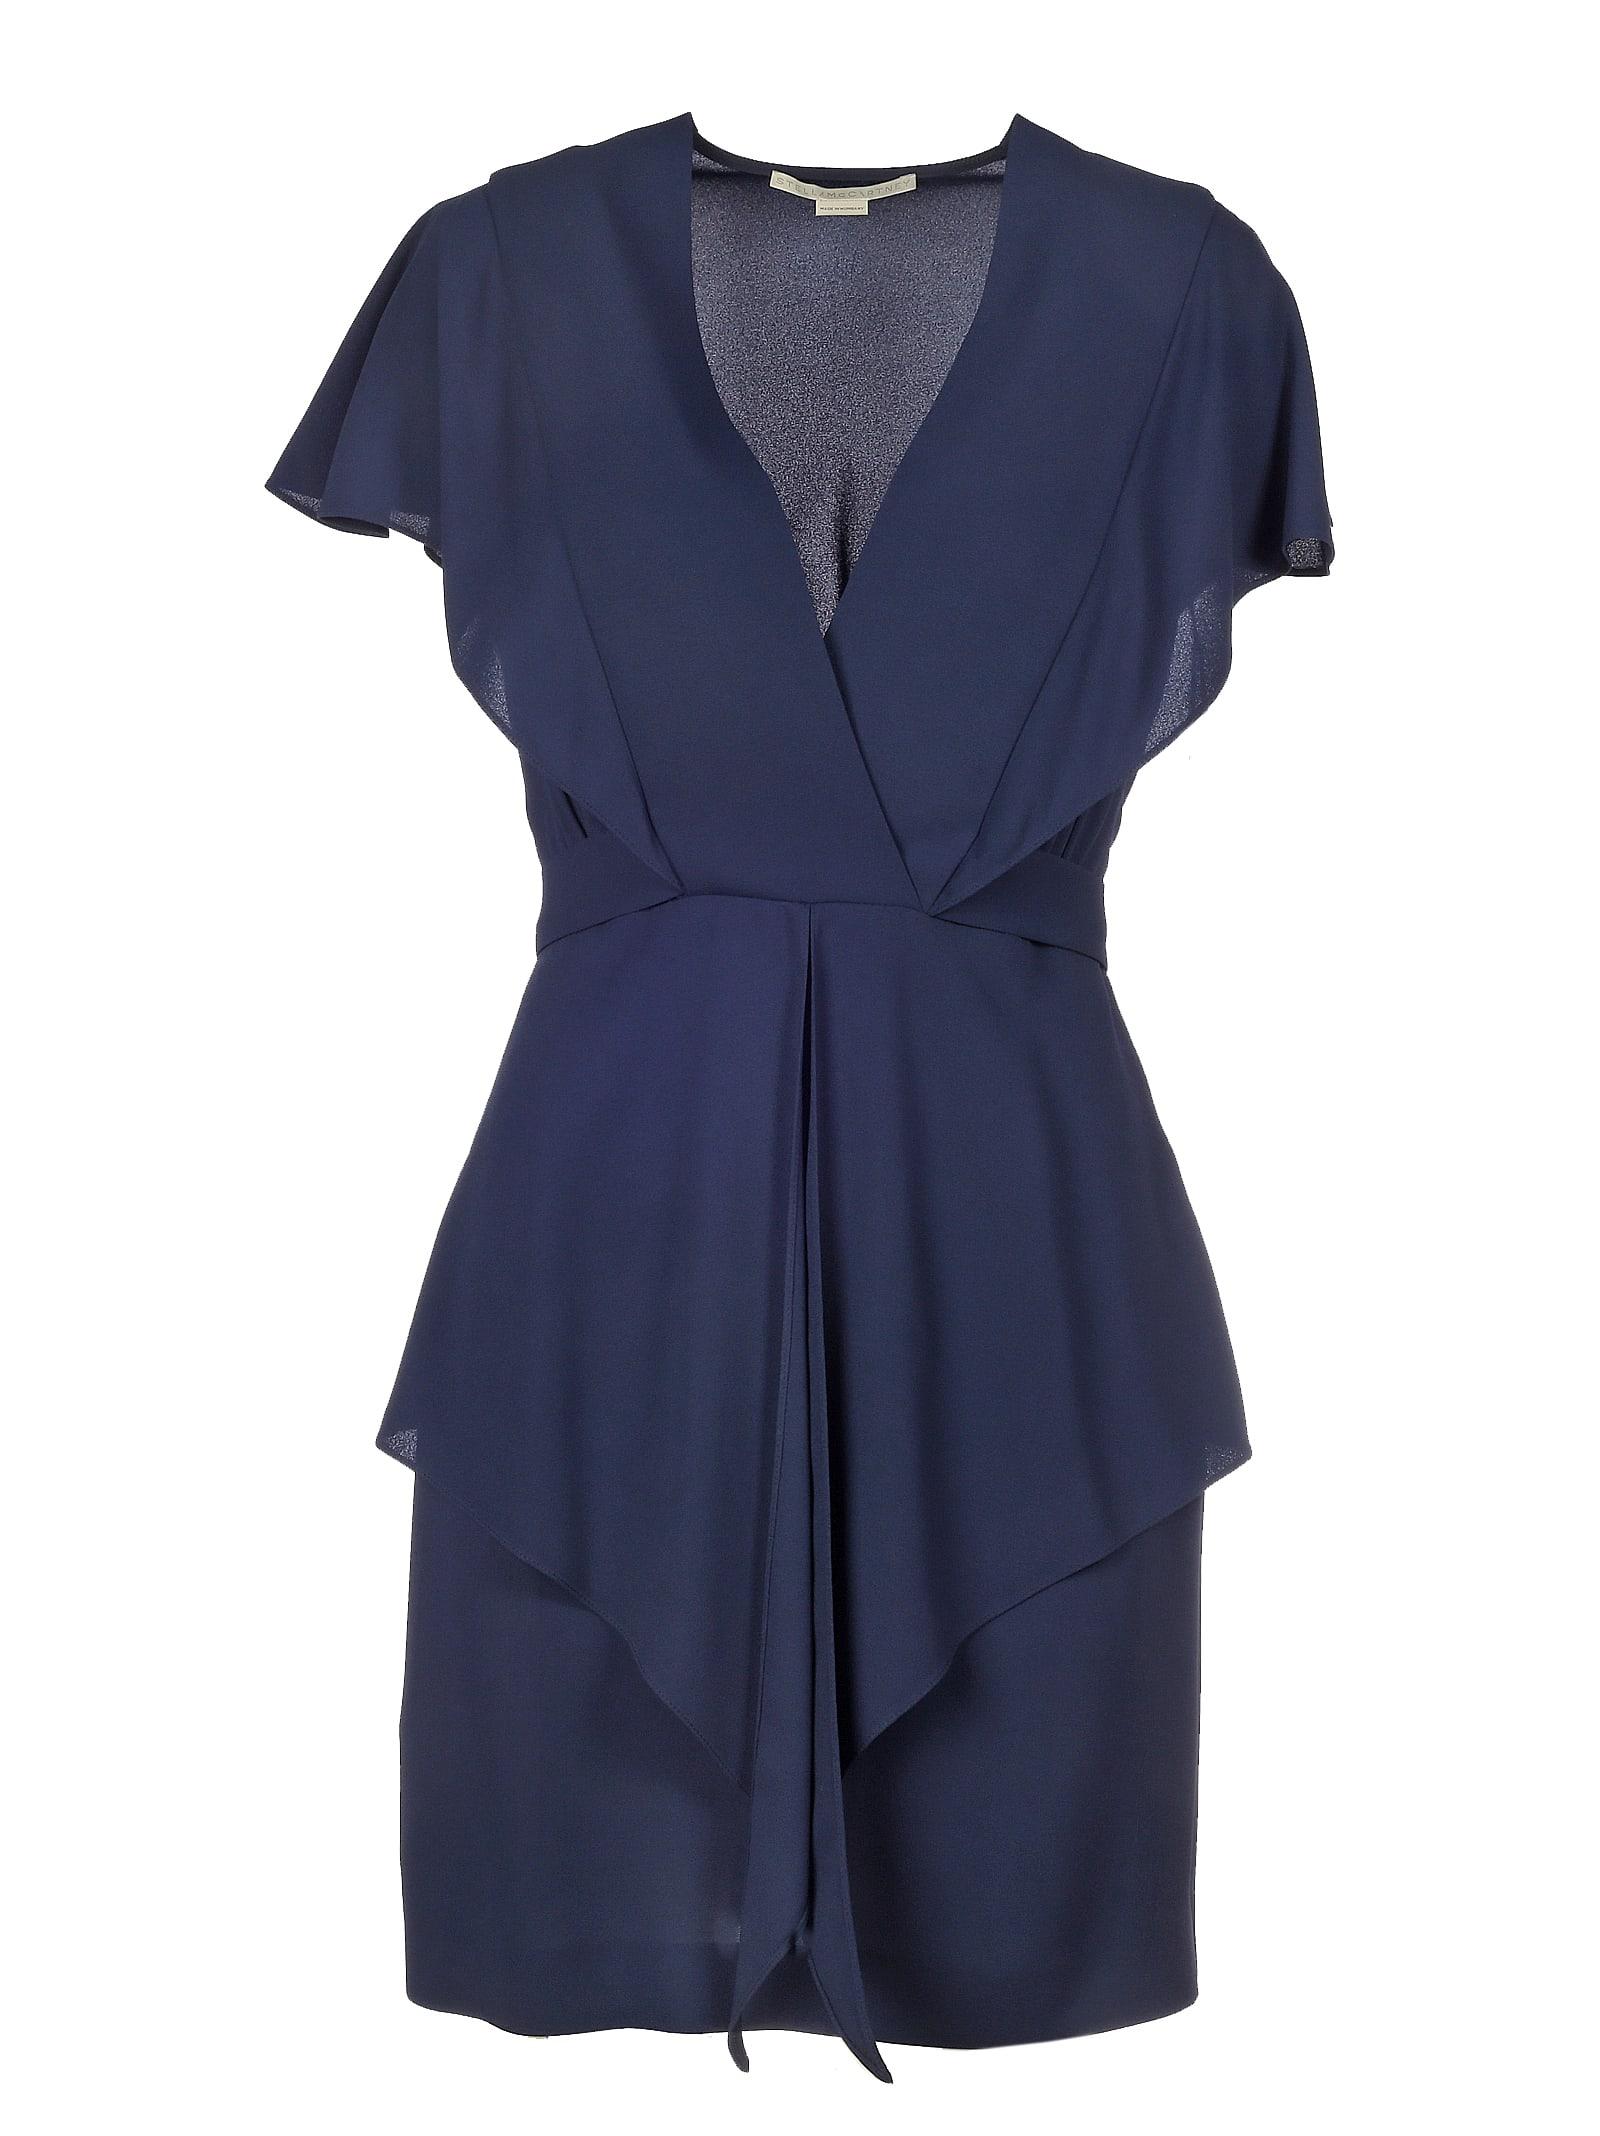 Buy Stella McCartney Emmalee Short Dress online, shop Stella McCartney with free shipping